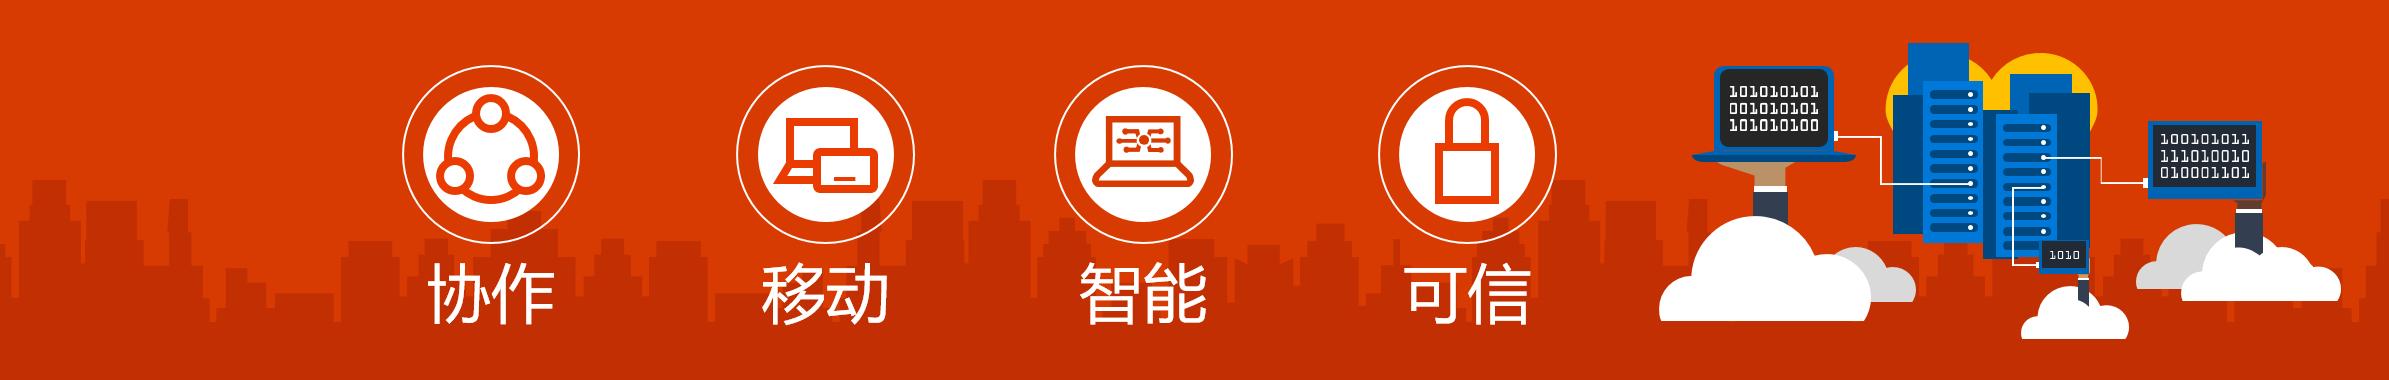 微软Office365 banner